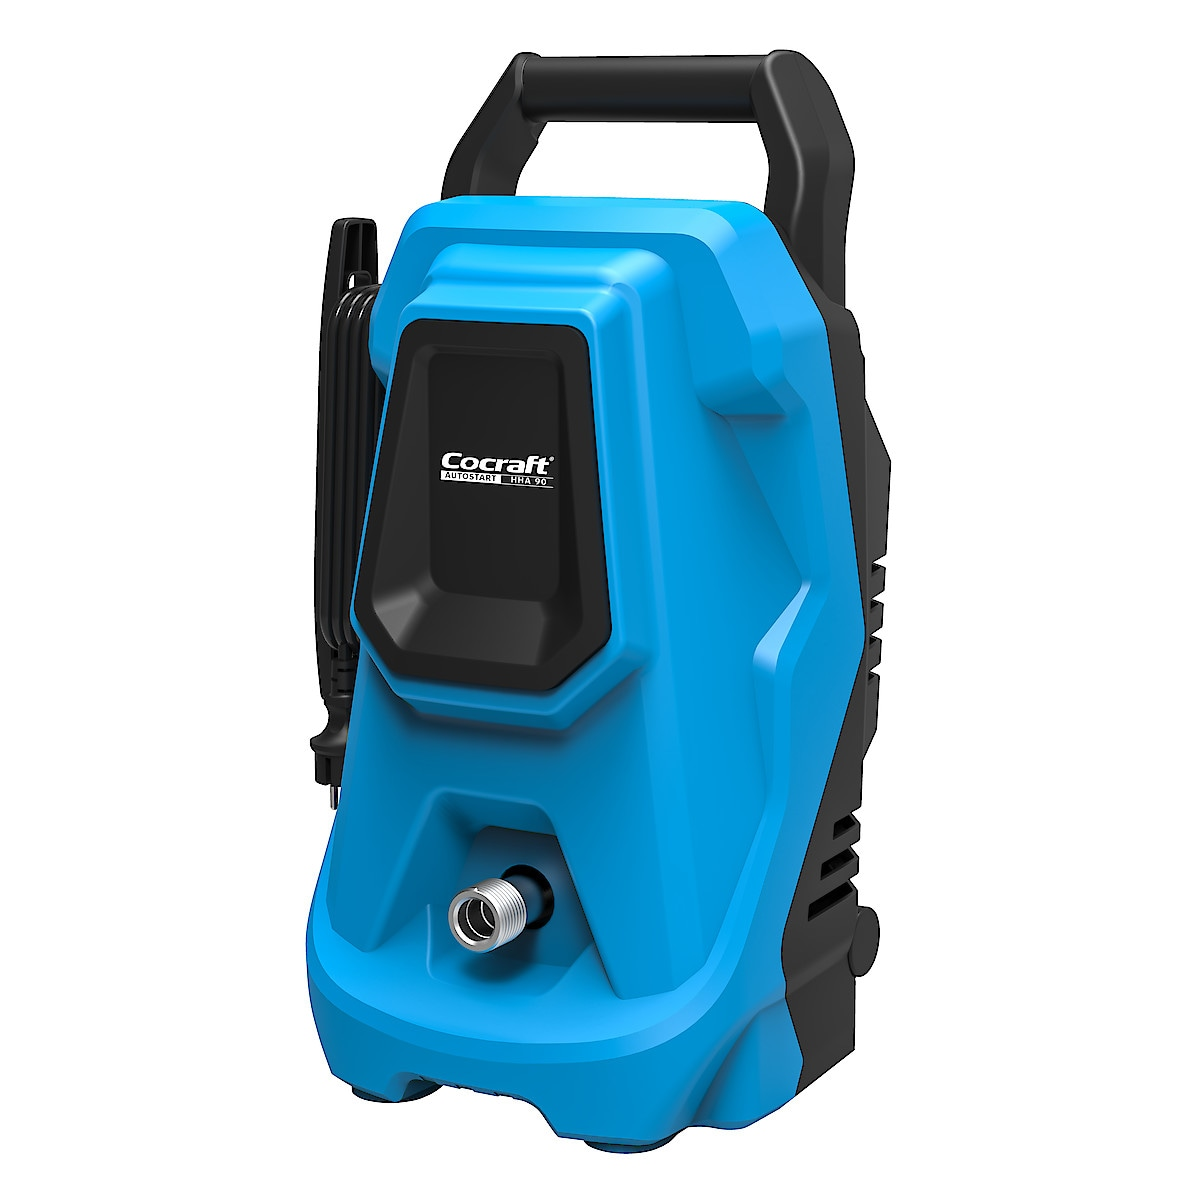 Cocraft 90 Pressure Washer